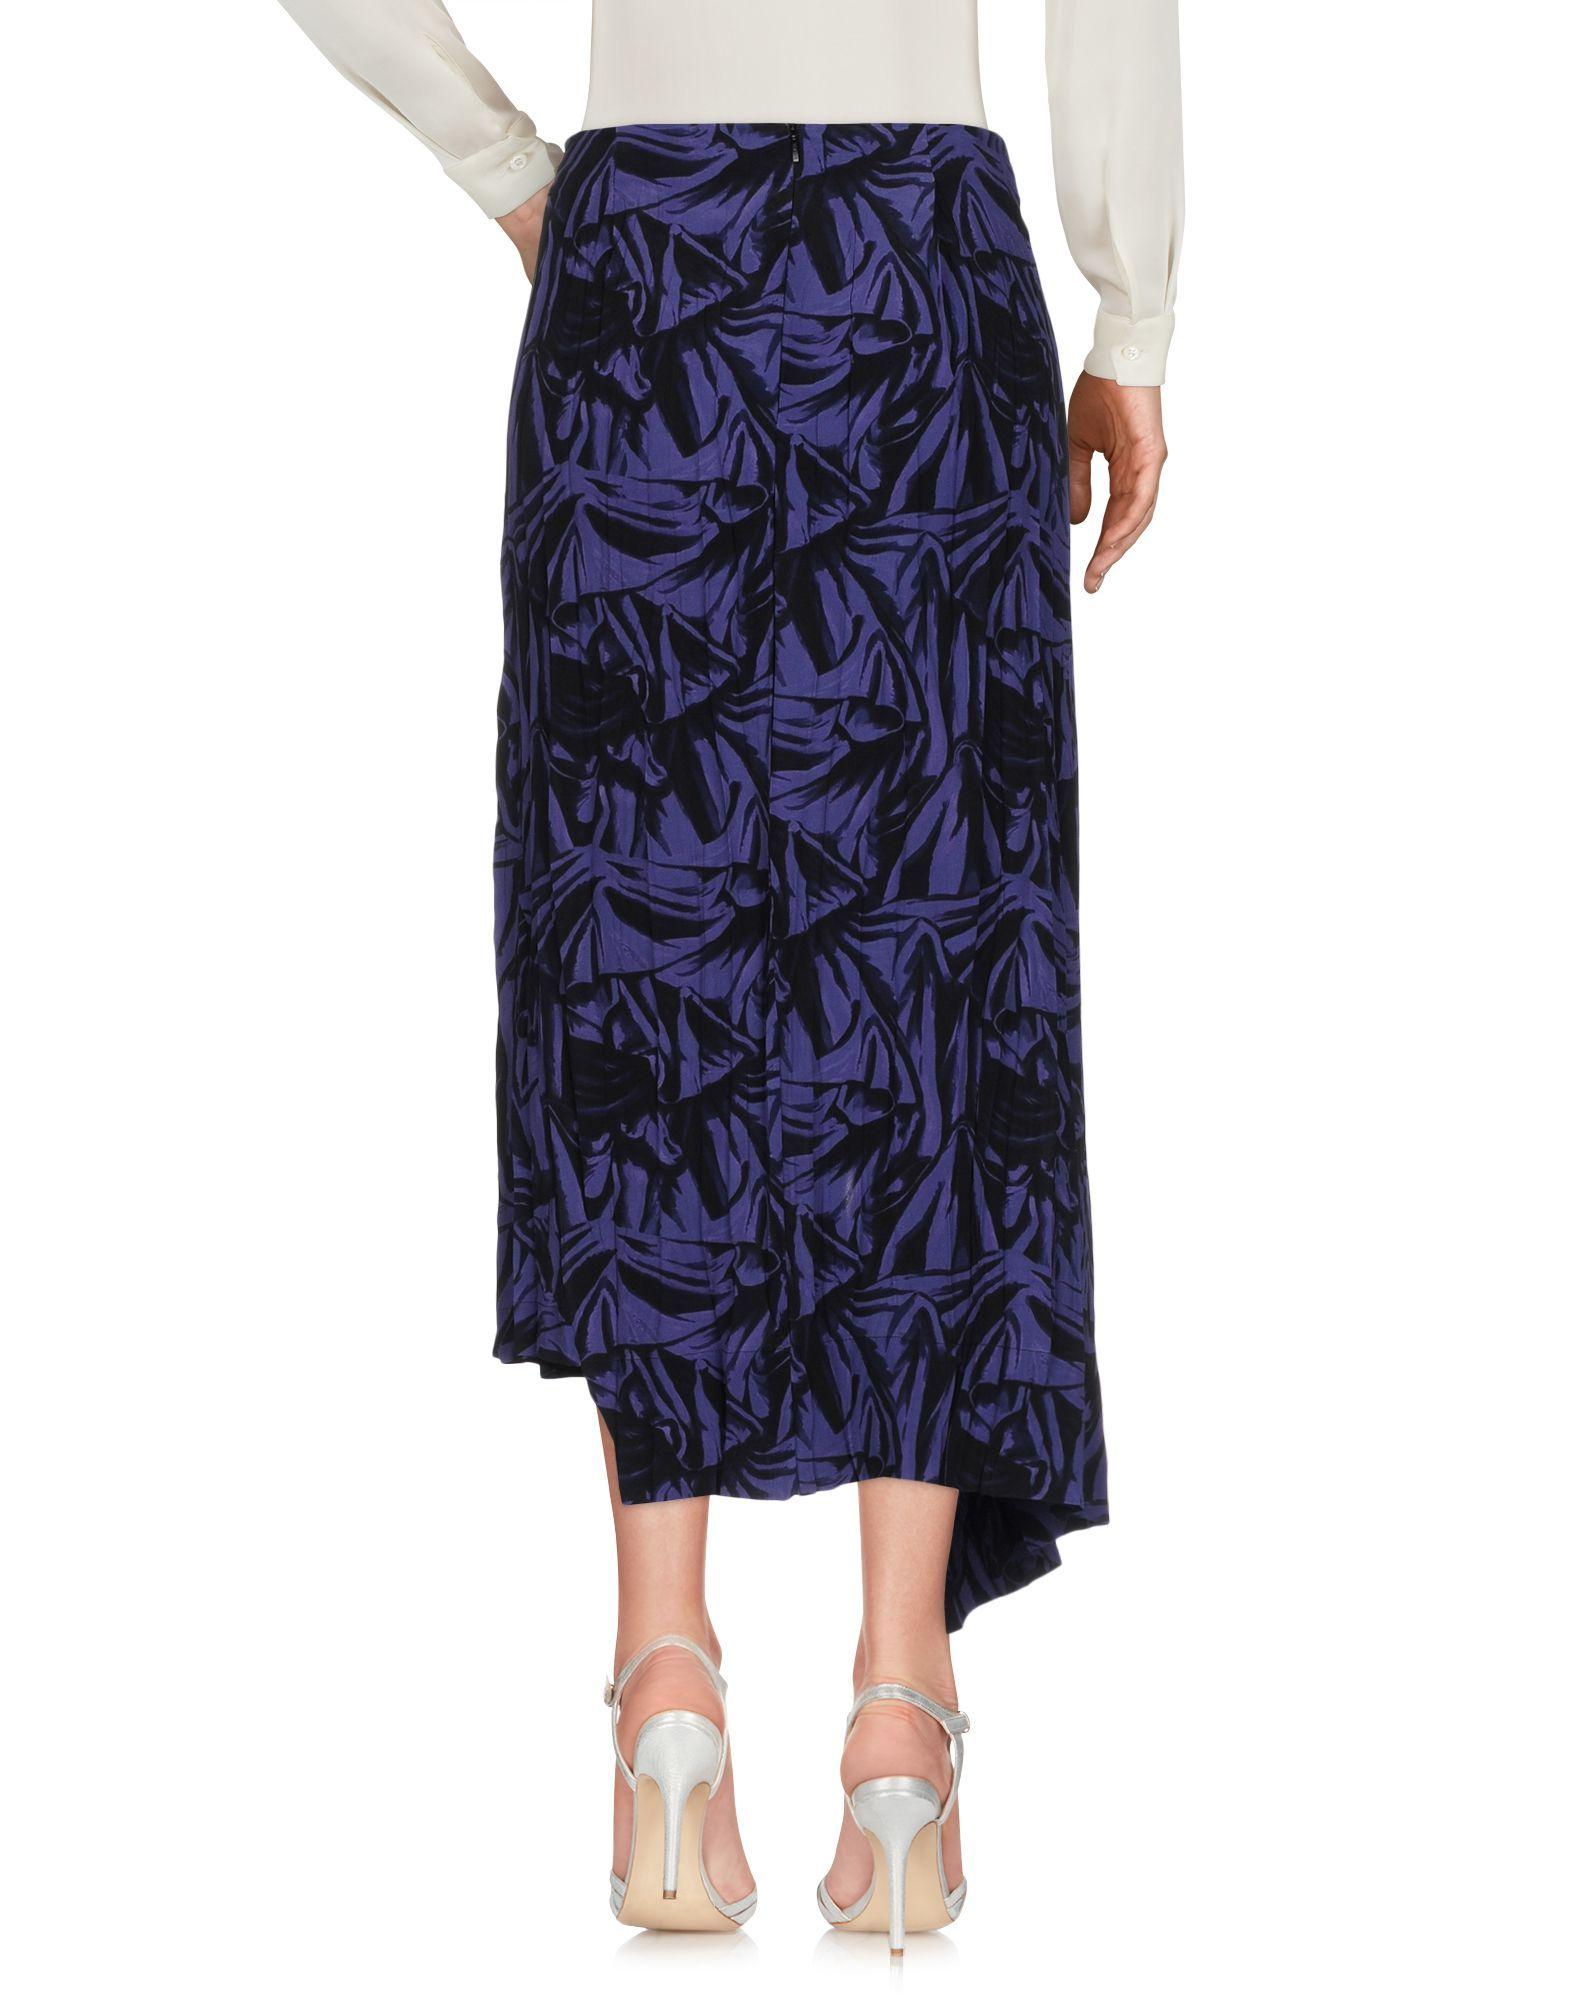 SKIRTS Woman Loewe Purple Viscose